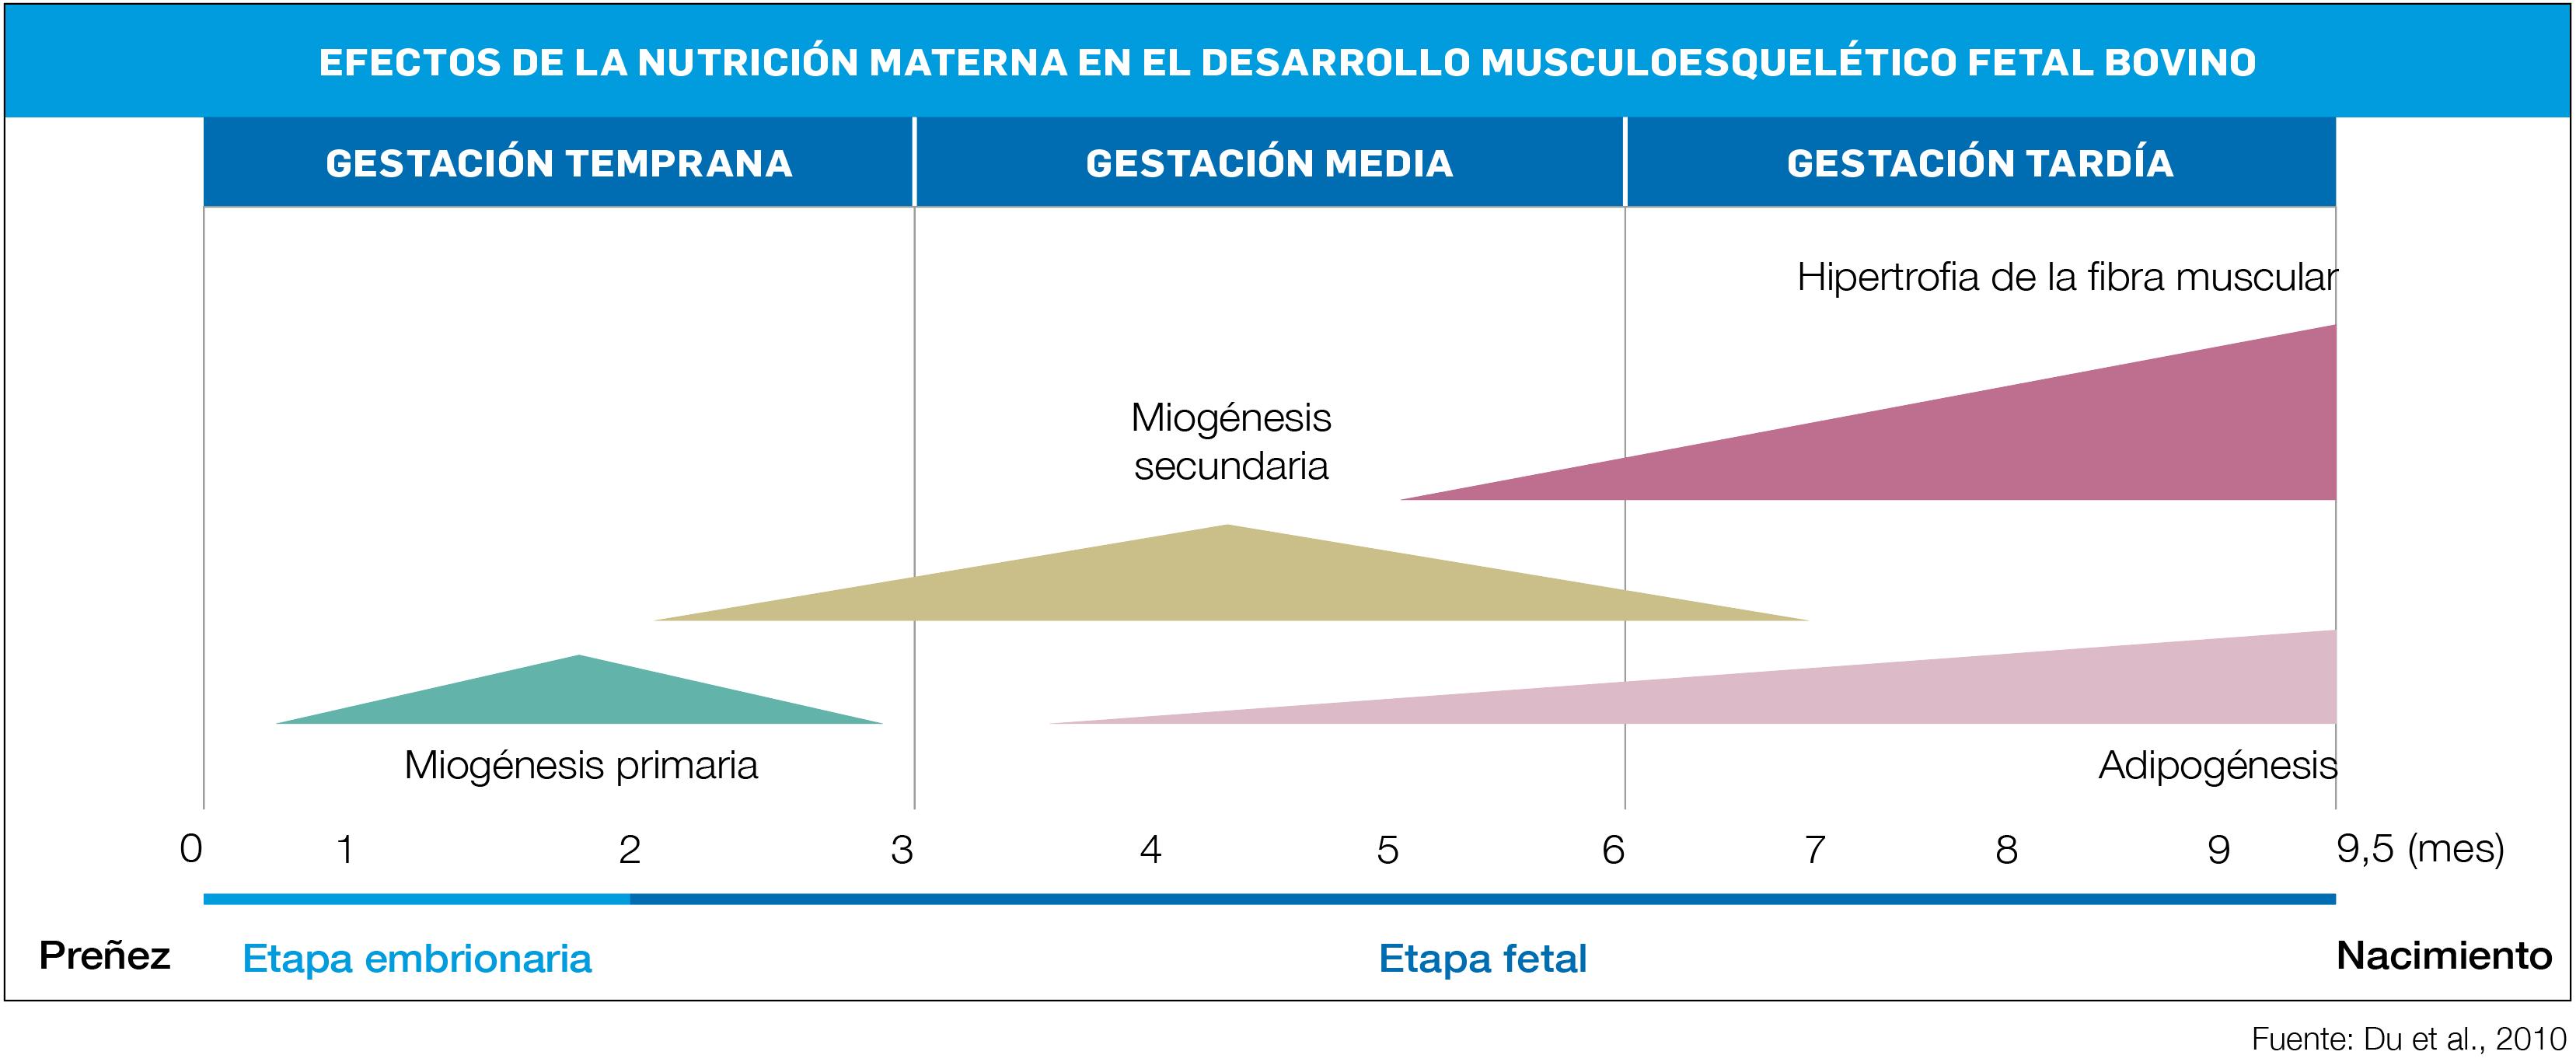 gráfico 1 CG EFECTOS DE LA NUTRICIÓN MATERNA EN EL DESARROLLO DE HEUS